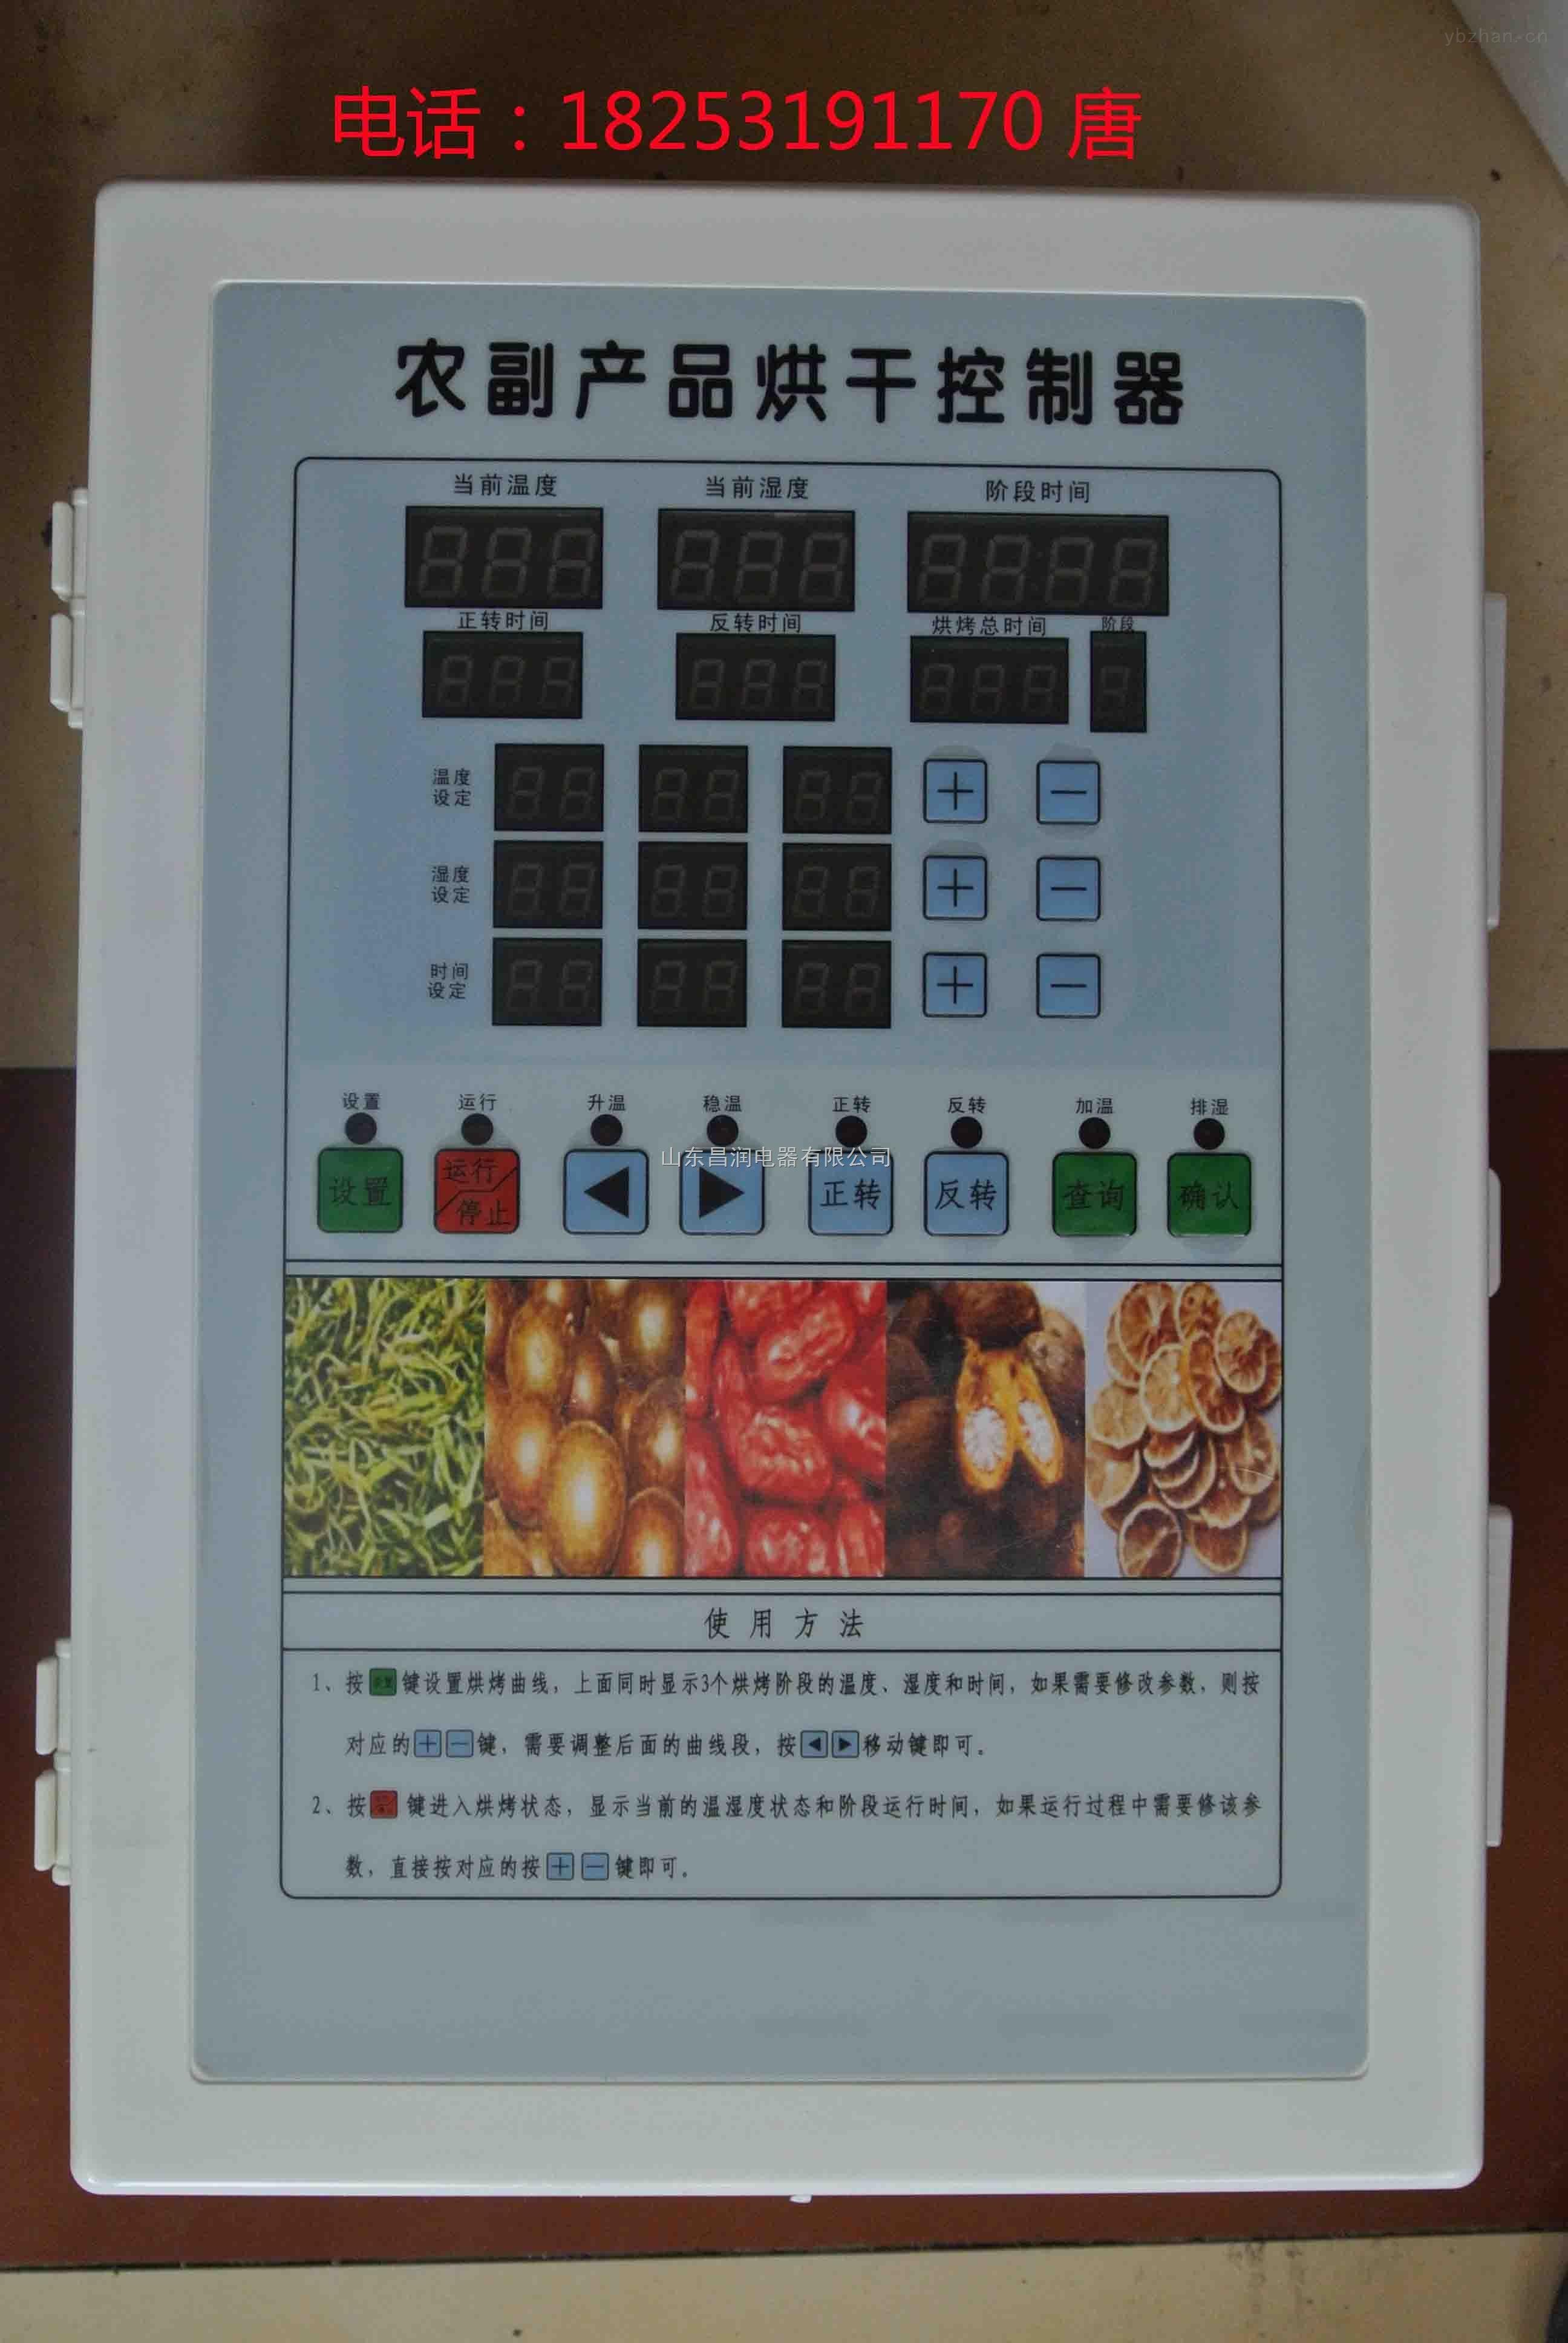 控制仪表 温控仪 xmt618 智能温度控制仪表  信息内容:密集烤房智能温